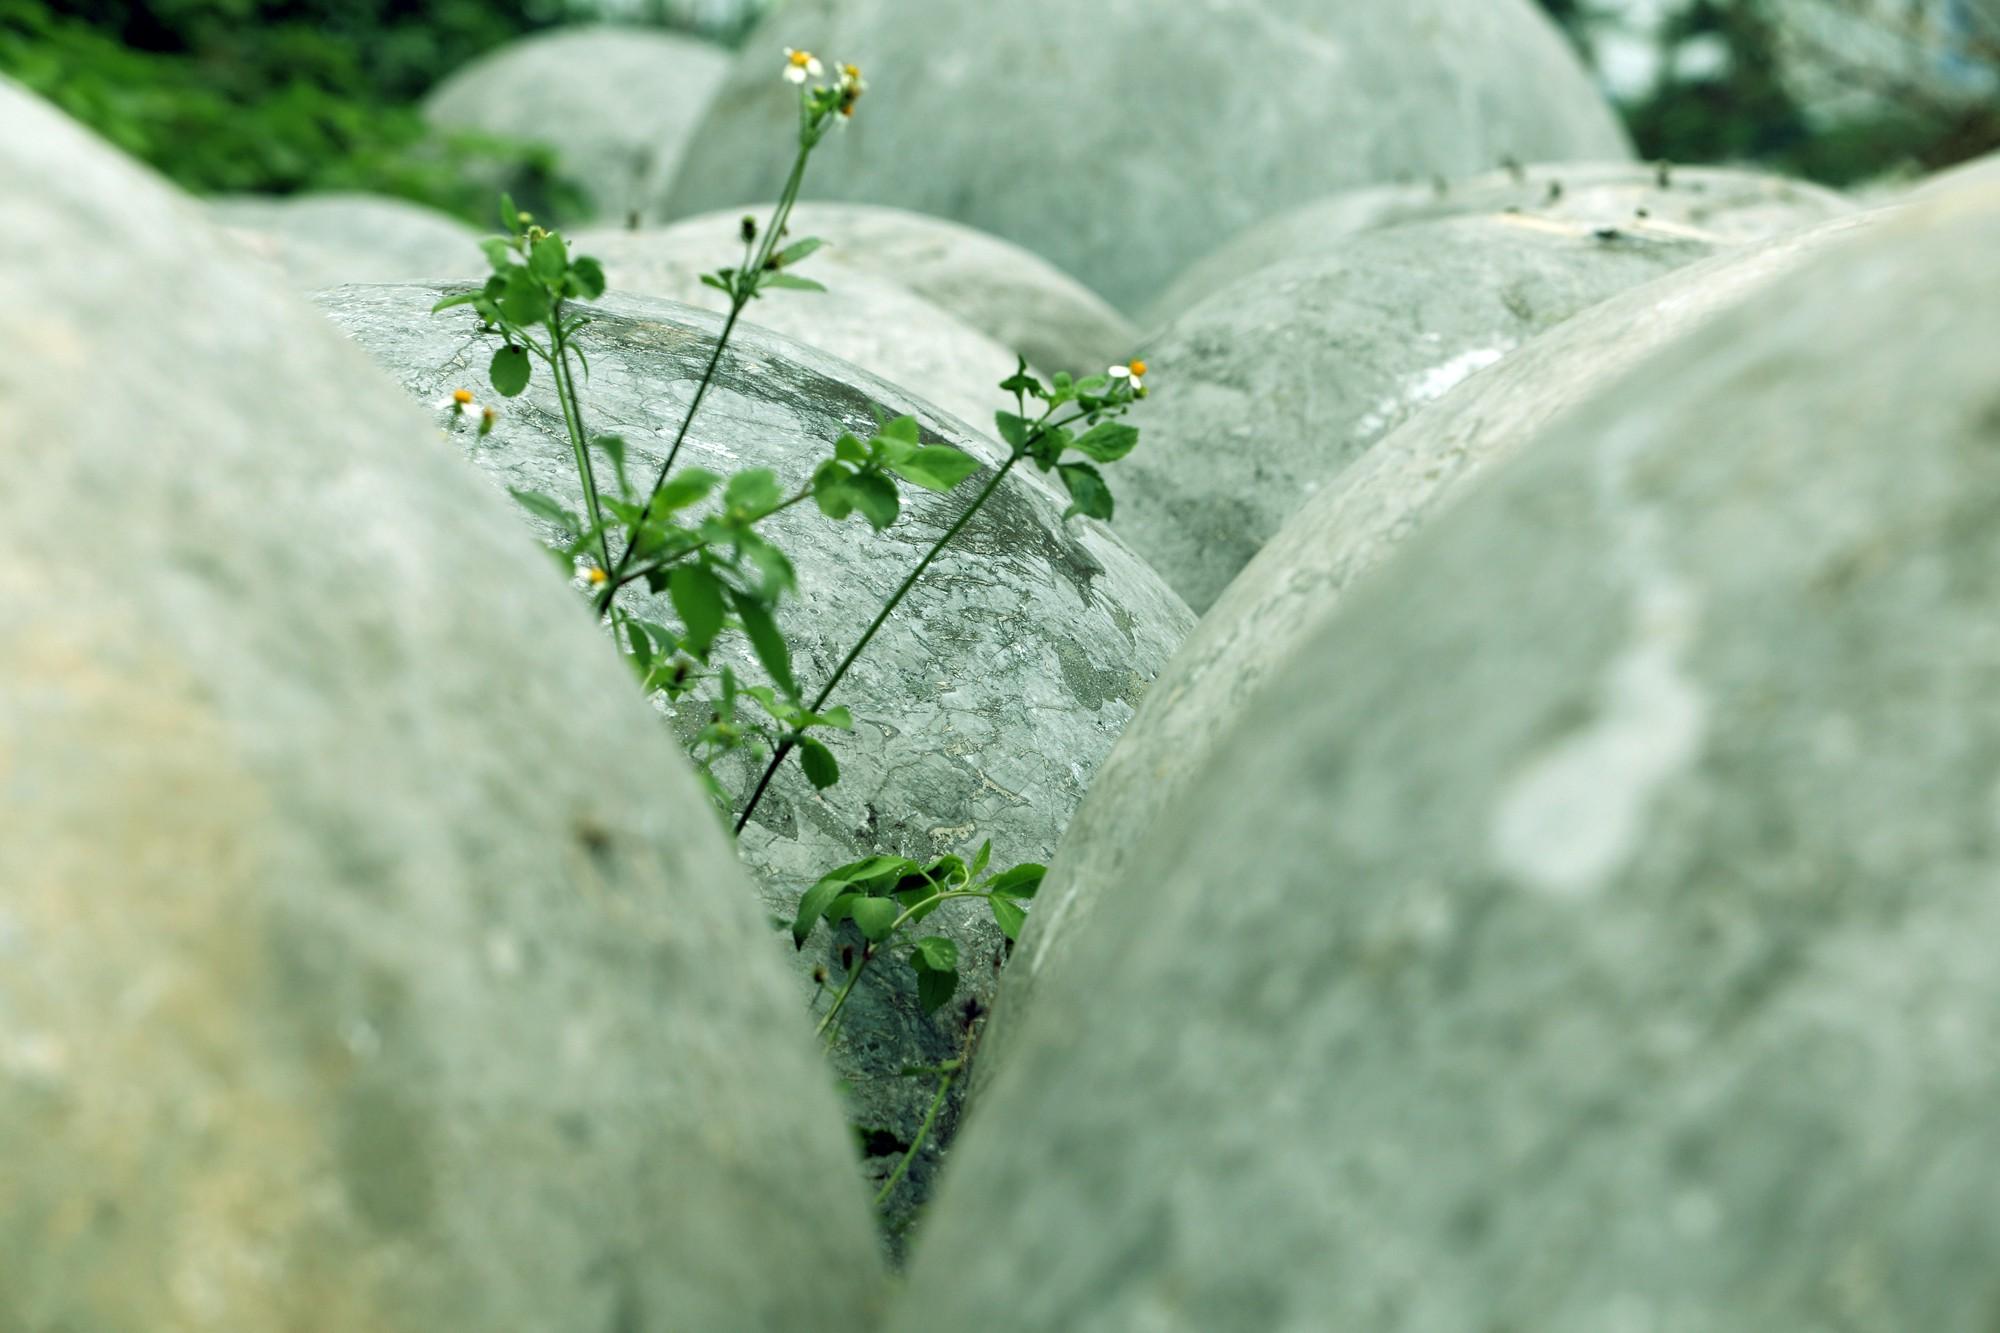 Bóng xích ở sân Mỹ Đình nguy cơ bị chôn trong rác - Ảnh 5.